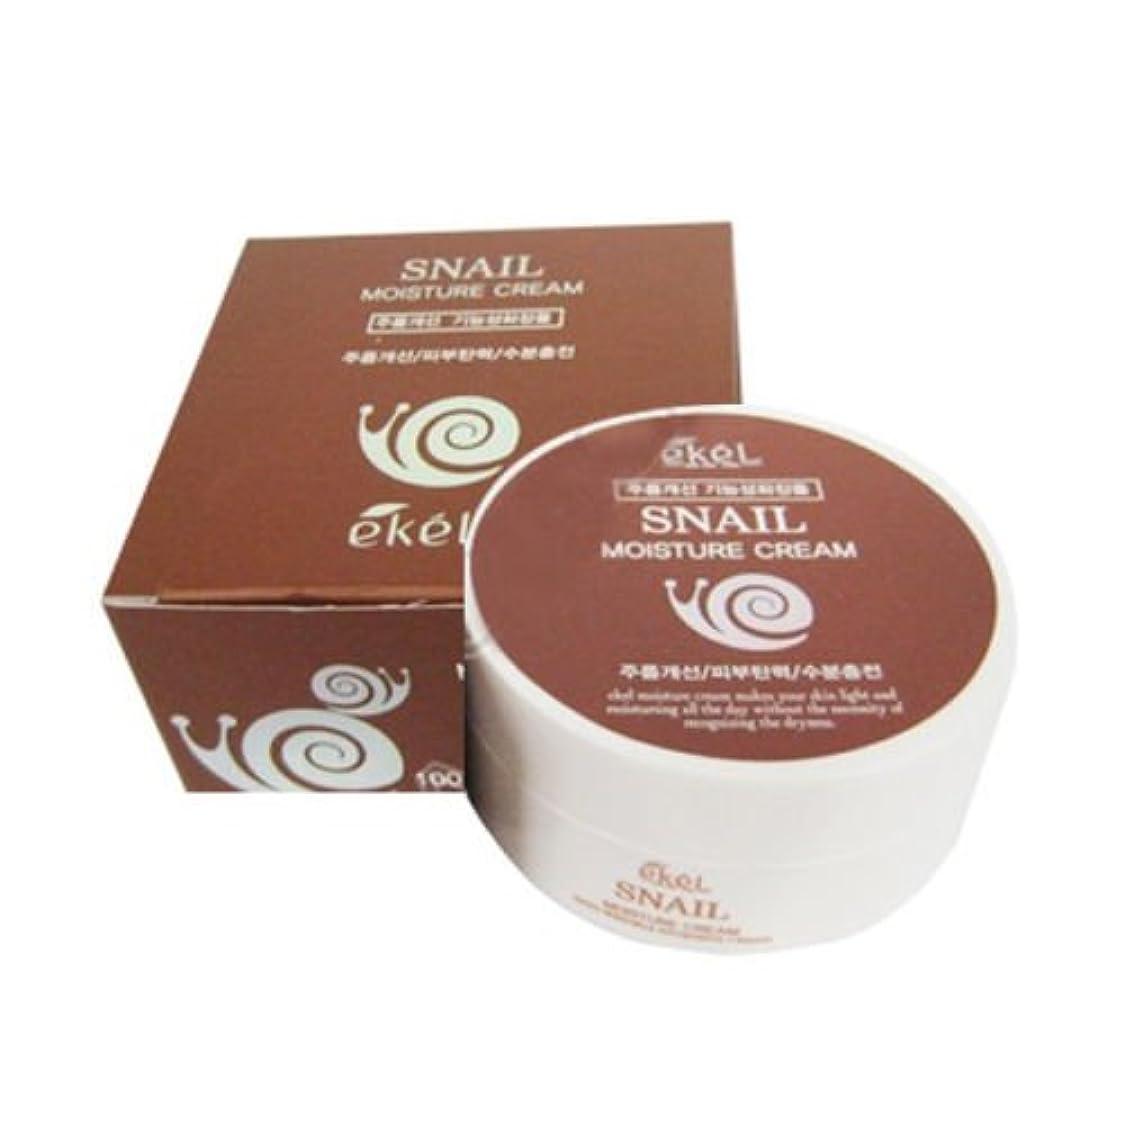 バトル宗教的な不忠イケル[韓国コスメEkel]Snail Moisture Cream カタツムリモイスチャークリーム100g [並行輸入品]